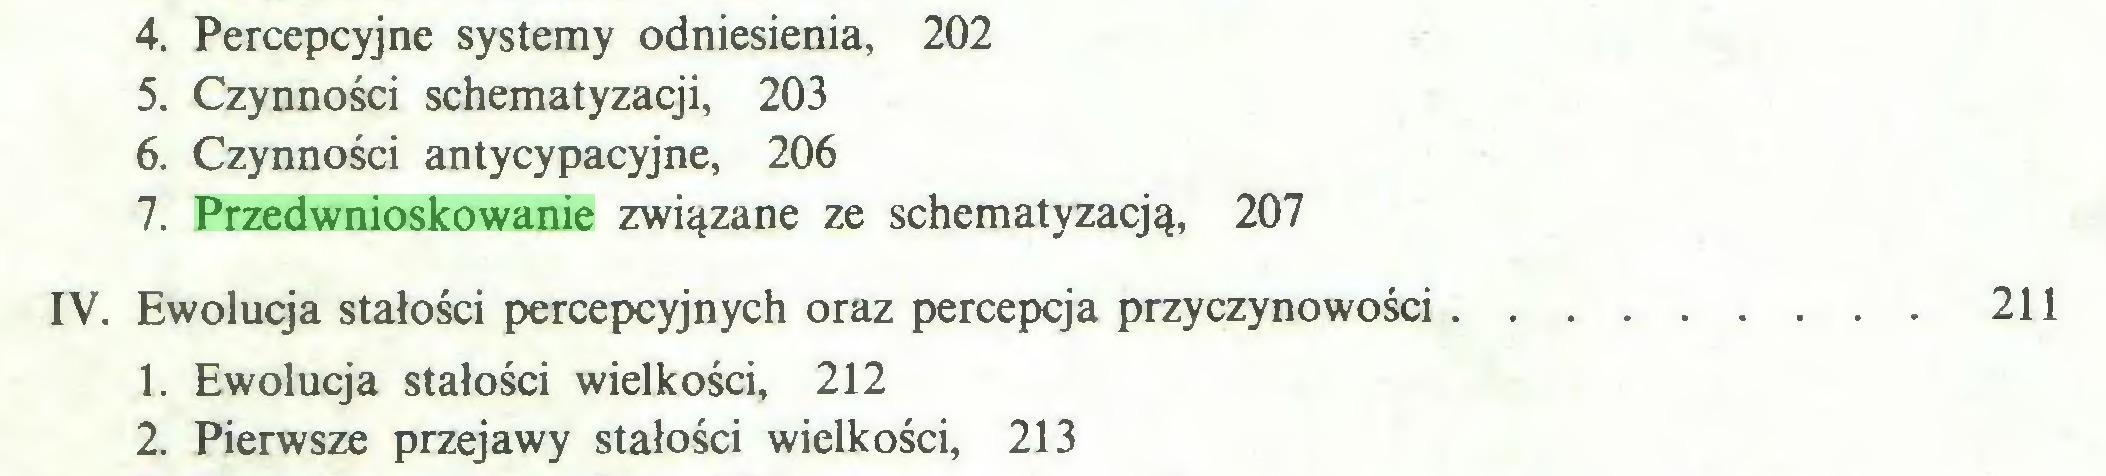 (...) 4. Percepcyjne systemy odniesienia, 202 5. Czynności schematyzacji, 203 6. Czynności antycypacyjne, 206 7. Przedwnioskowanie związane ze schematyzacją, 207 IV. Ewolucja stałości percepcyjnych oraz percepcja przyczynowości 211 1. Ewolucja stałości wielkości, 212 2. Pierwsze przejawy stałości wielkości, 213...